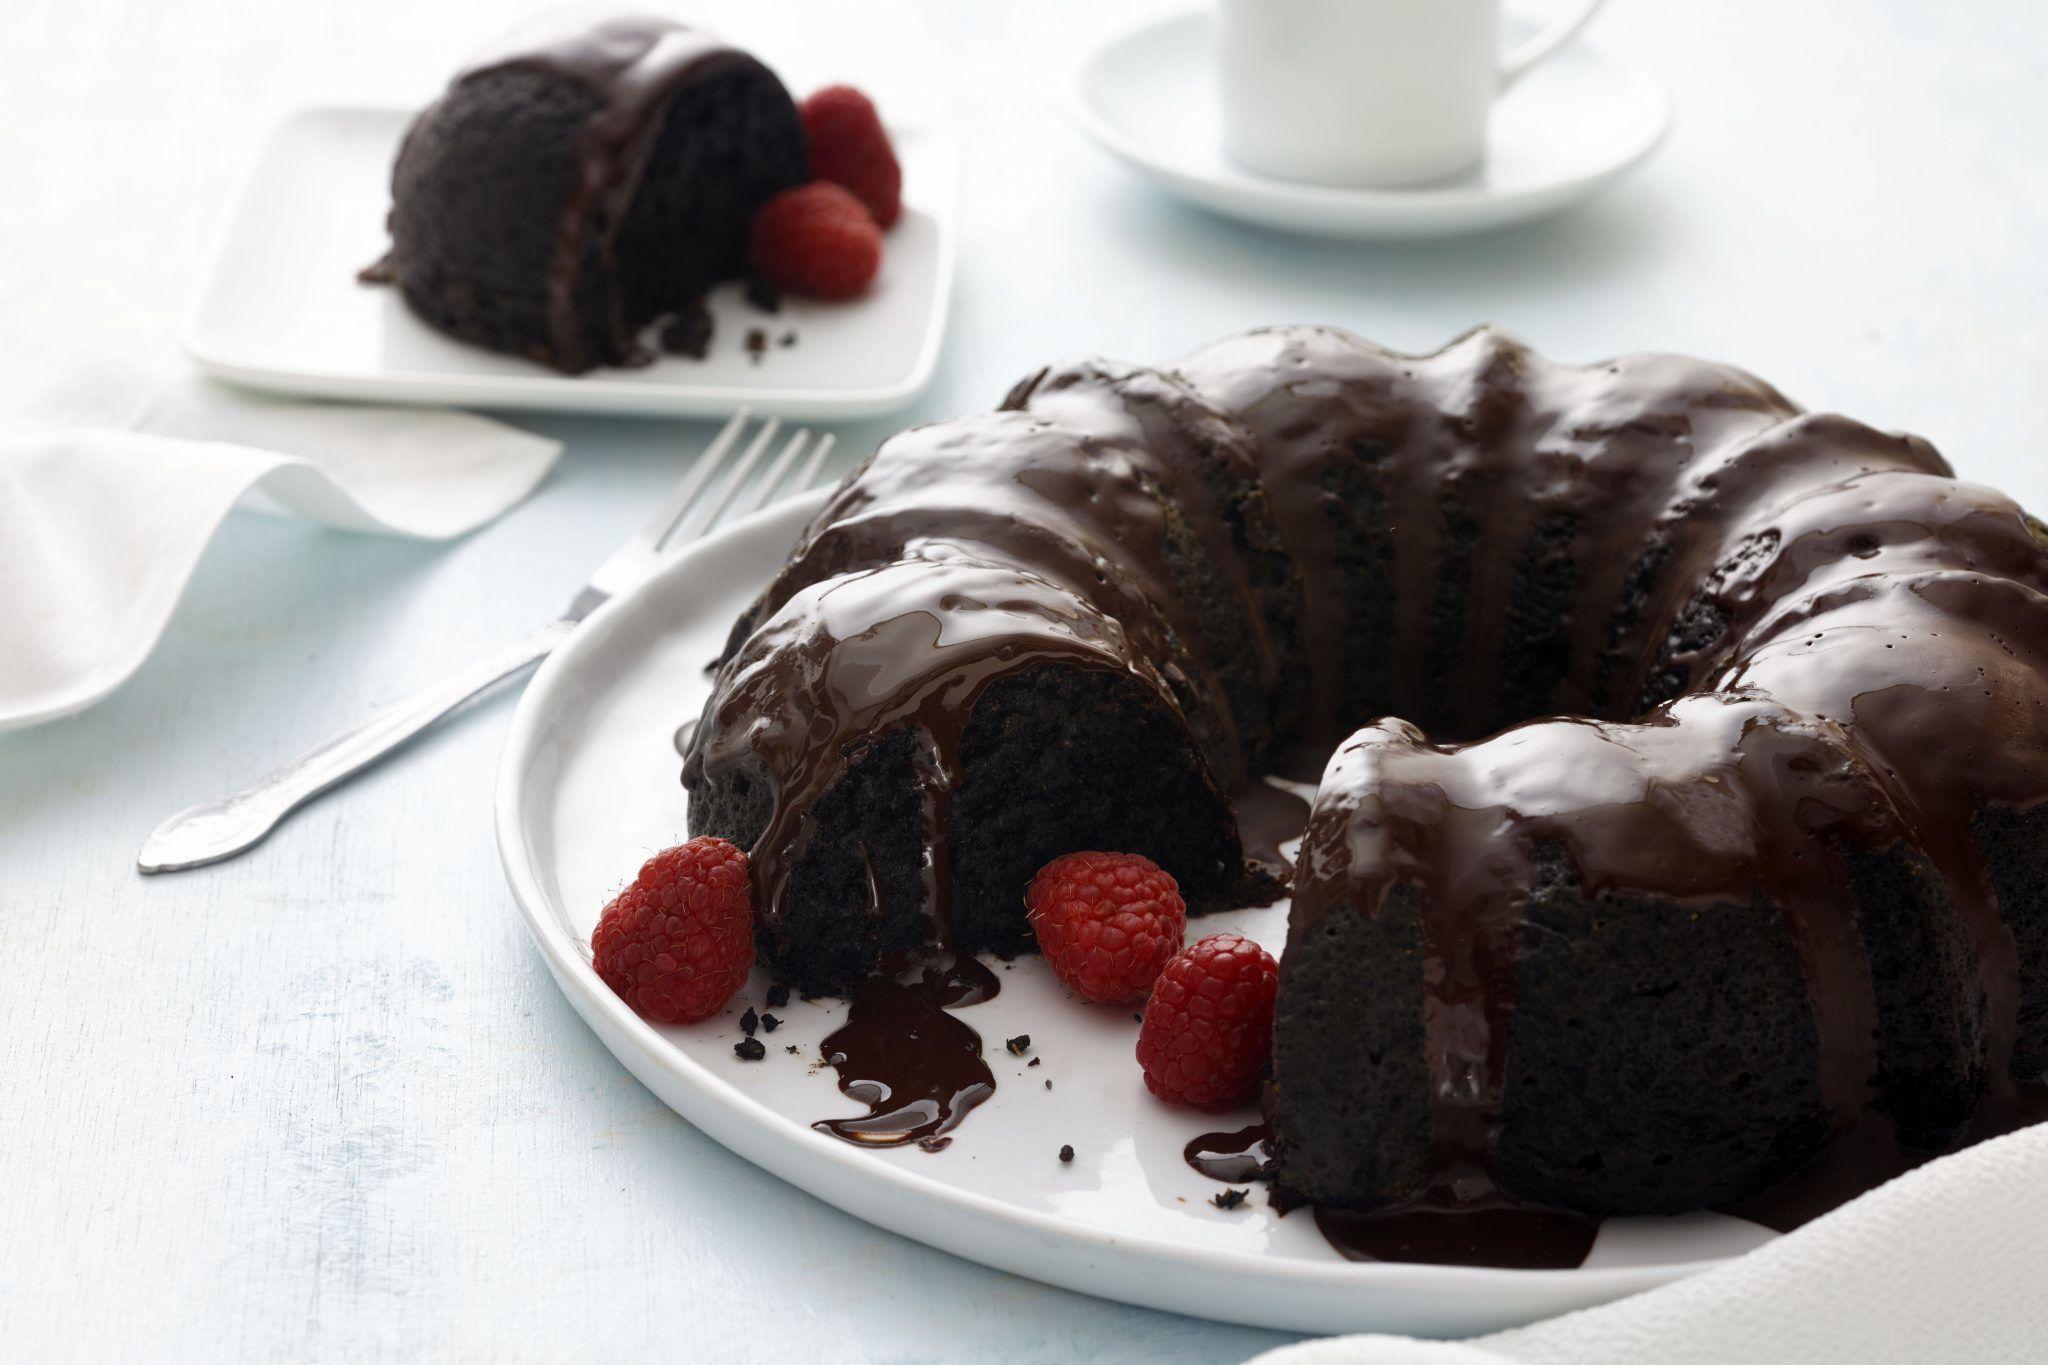 Juniors Chocolate Cake Recipe